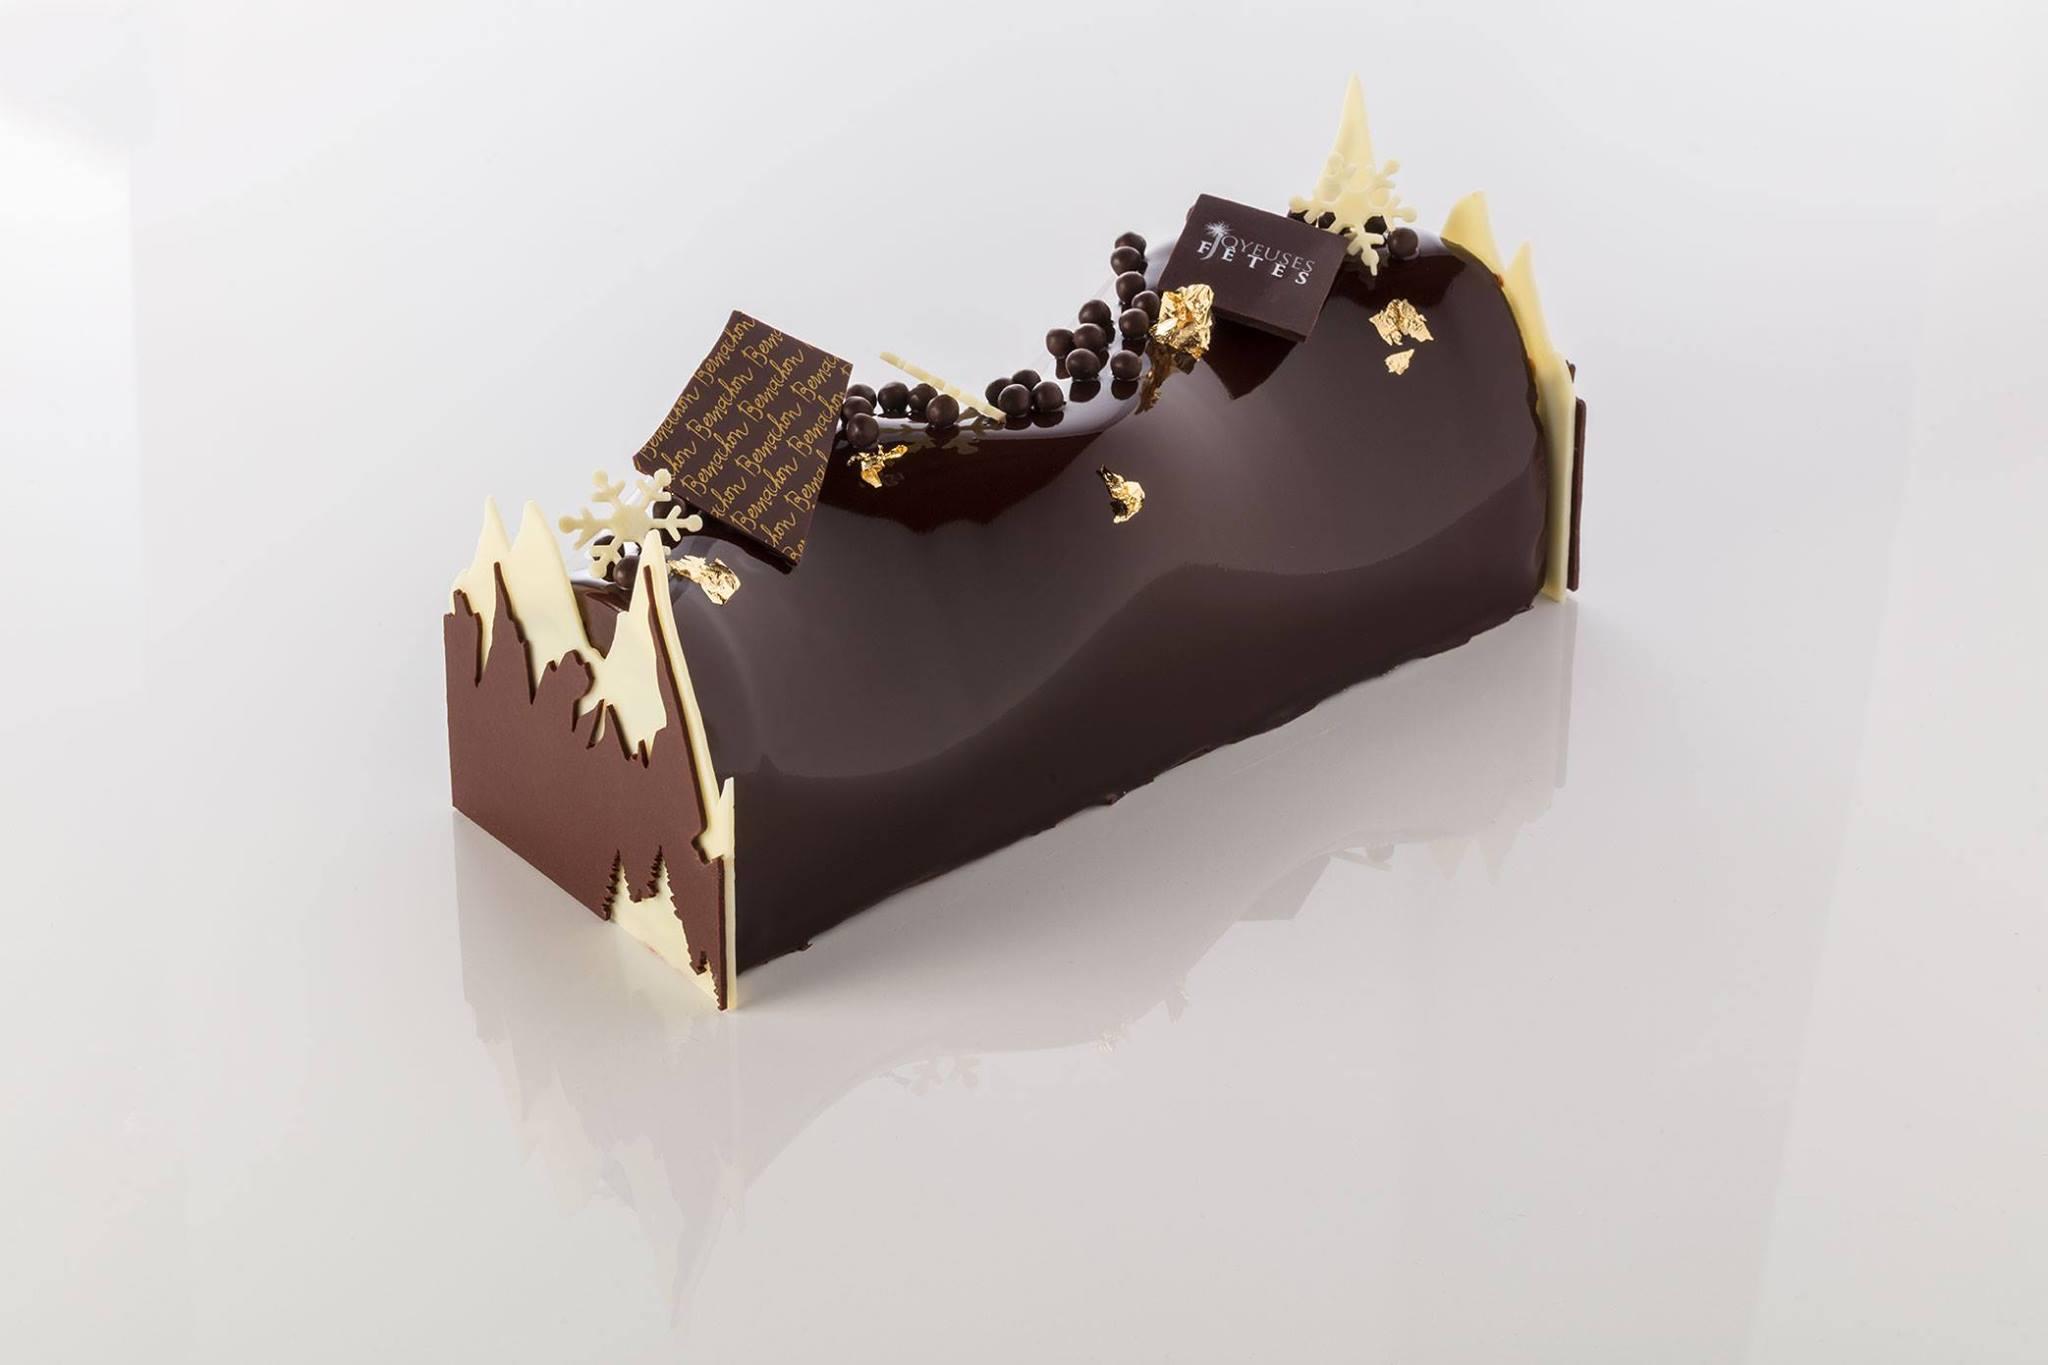 bûche au chocolat 2017 patissiers Bernachon